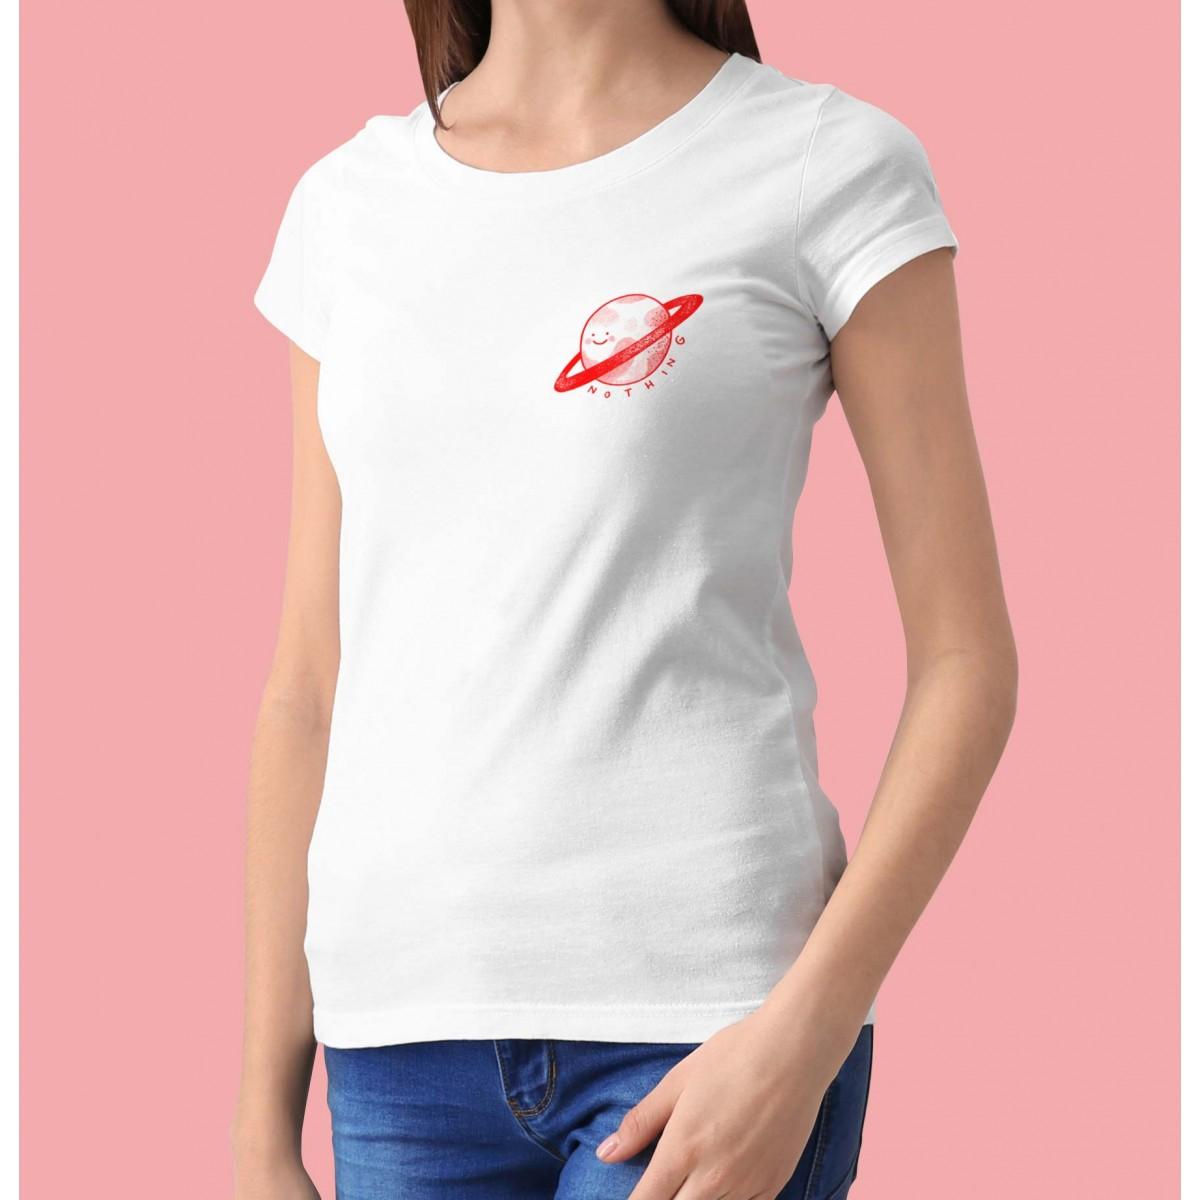 Martin Krusche - T-Shirt »The Wall« Frauen, Weiss